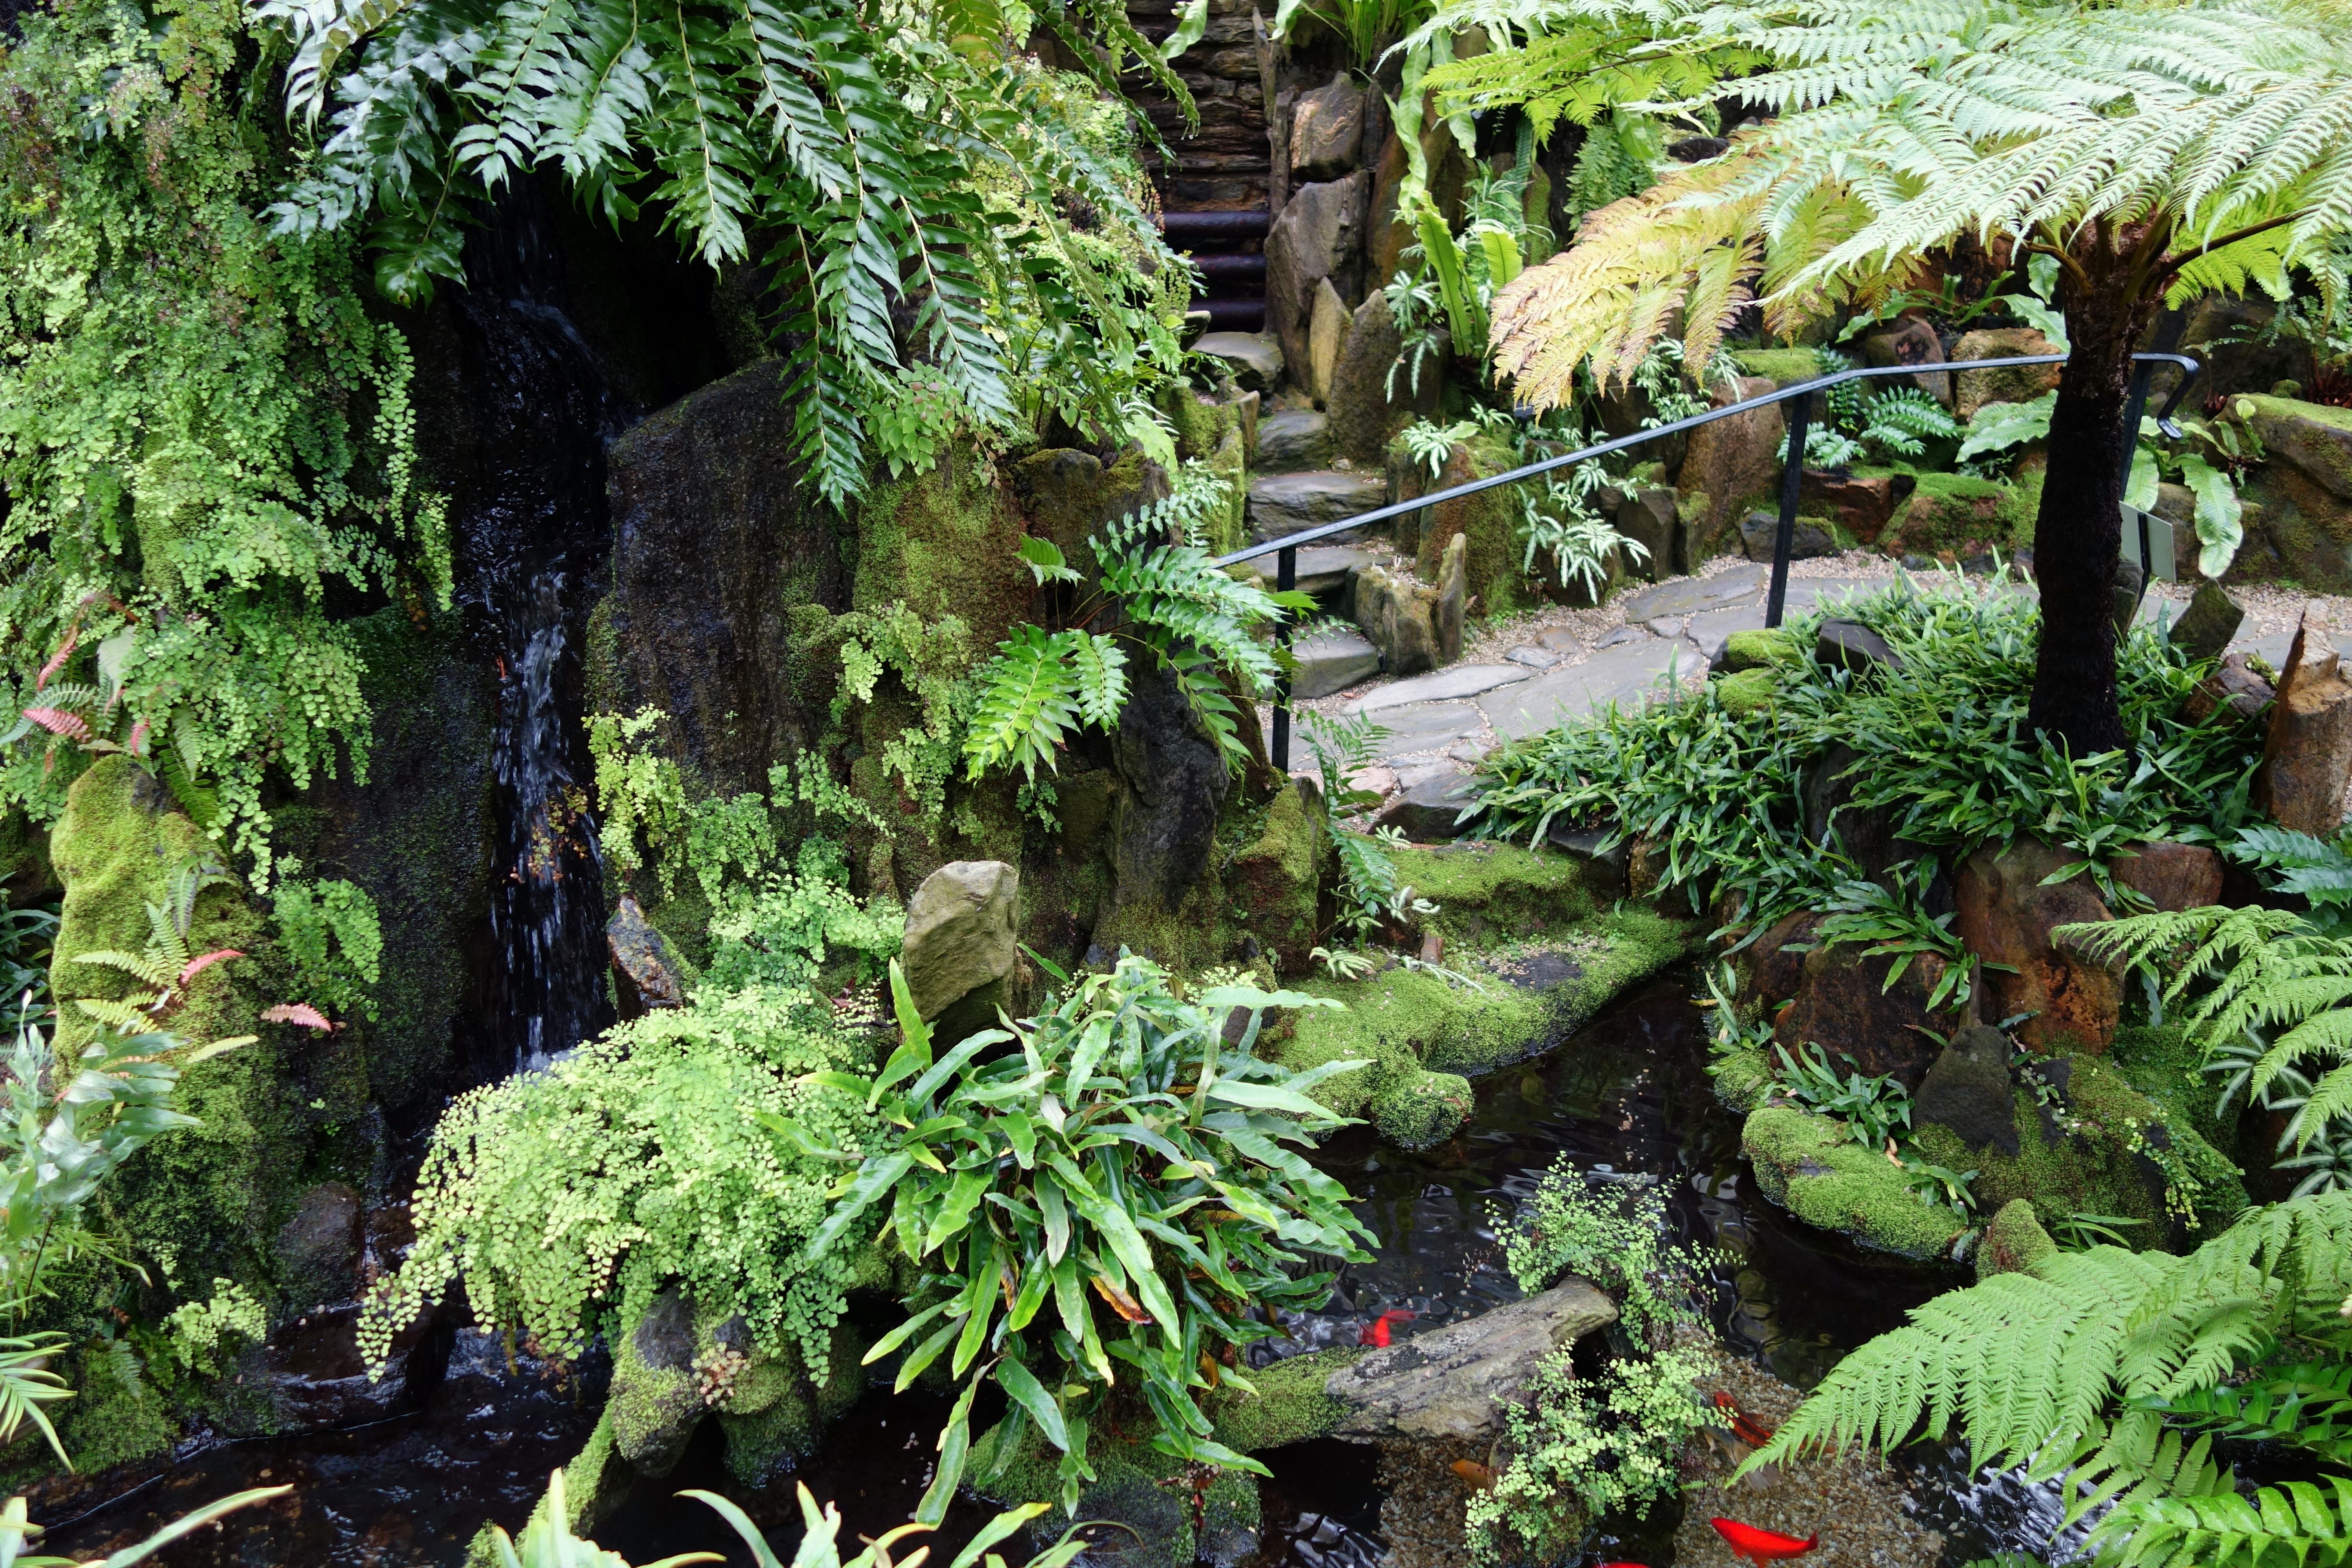 File:Fernery interior view - Morris Arboretum - DSC00191